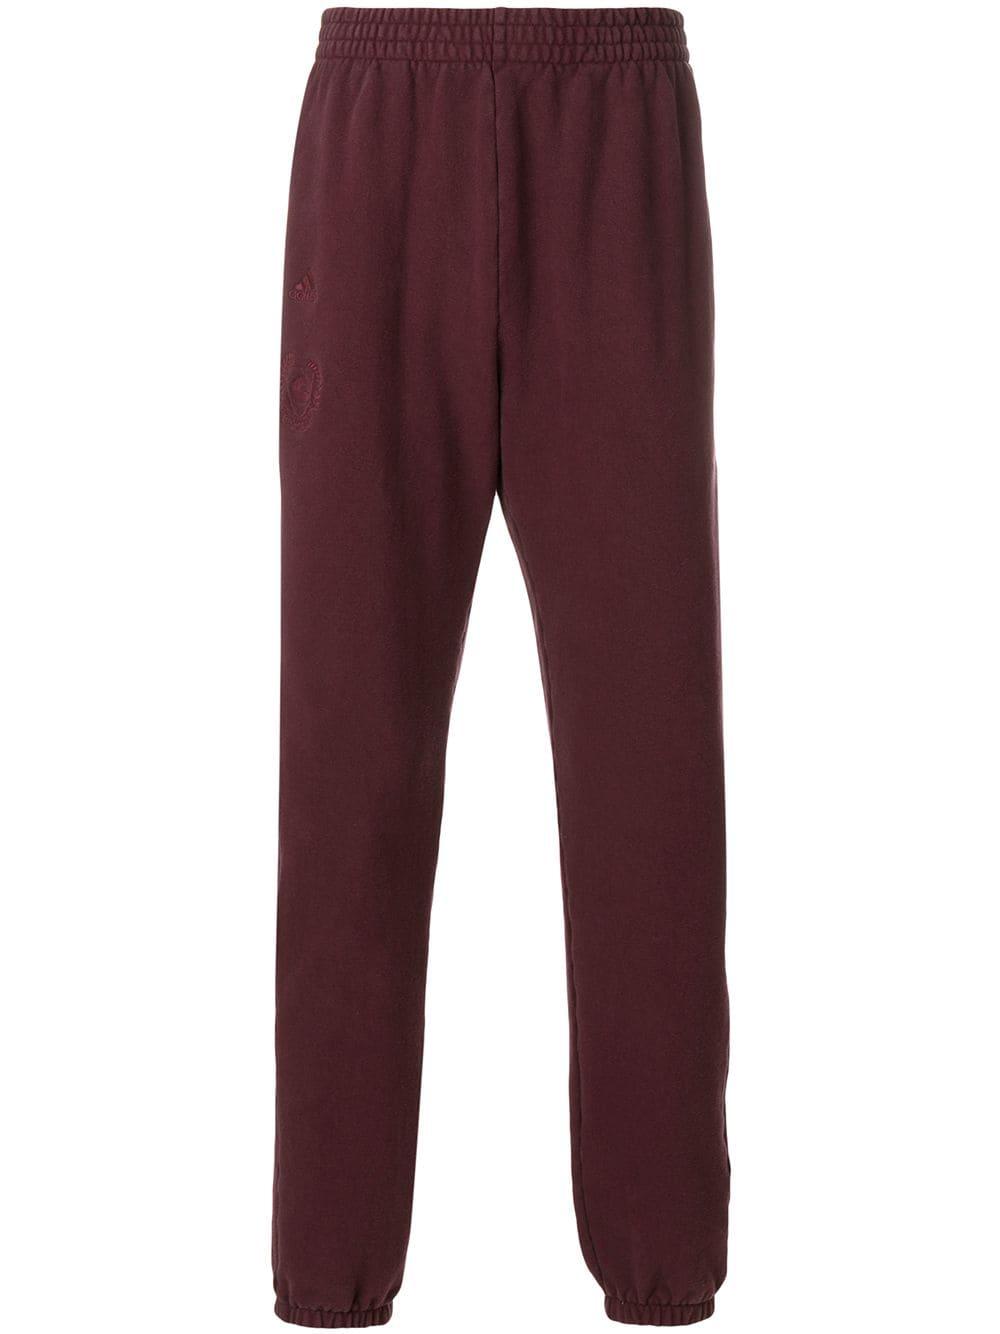 YEEZY   спортивные брюки 'Calabasas'   Clouty